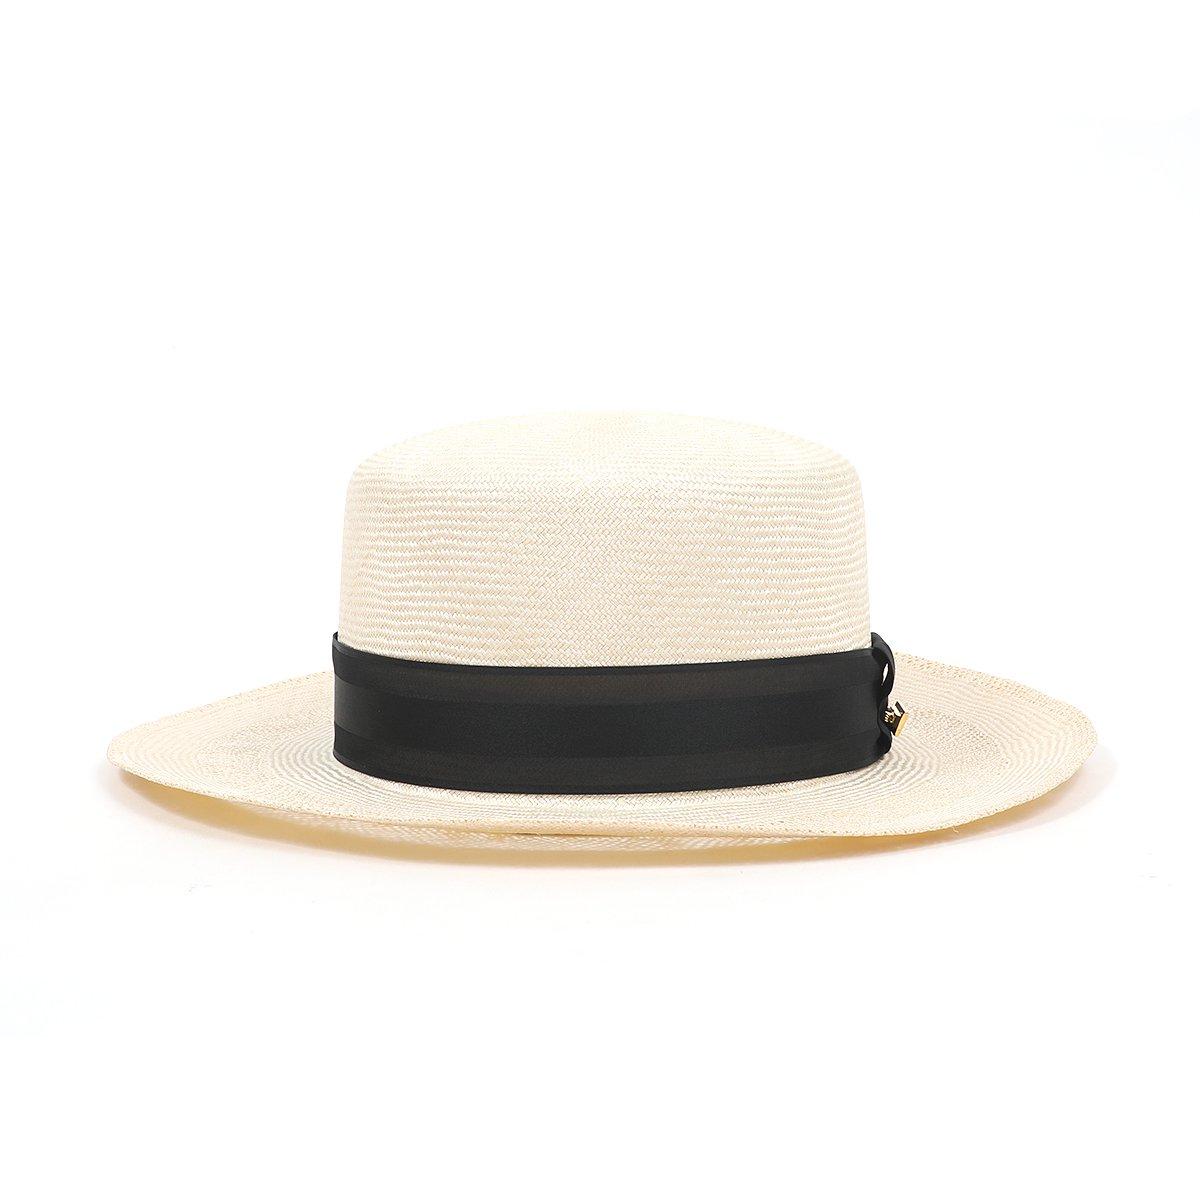 【LADY'S】SISOL PORK PIE HAT 詳細画像1